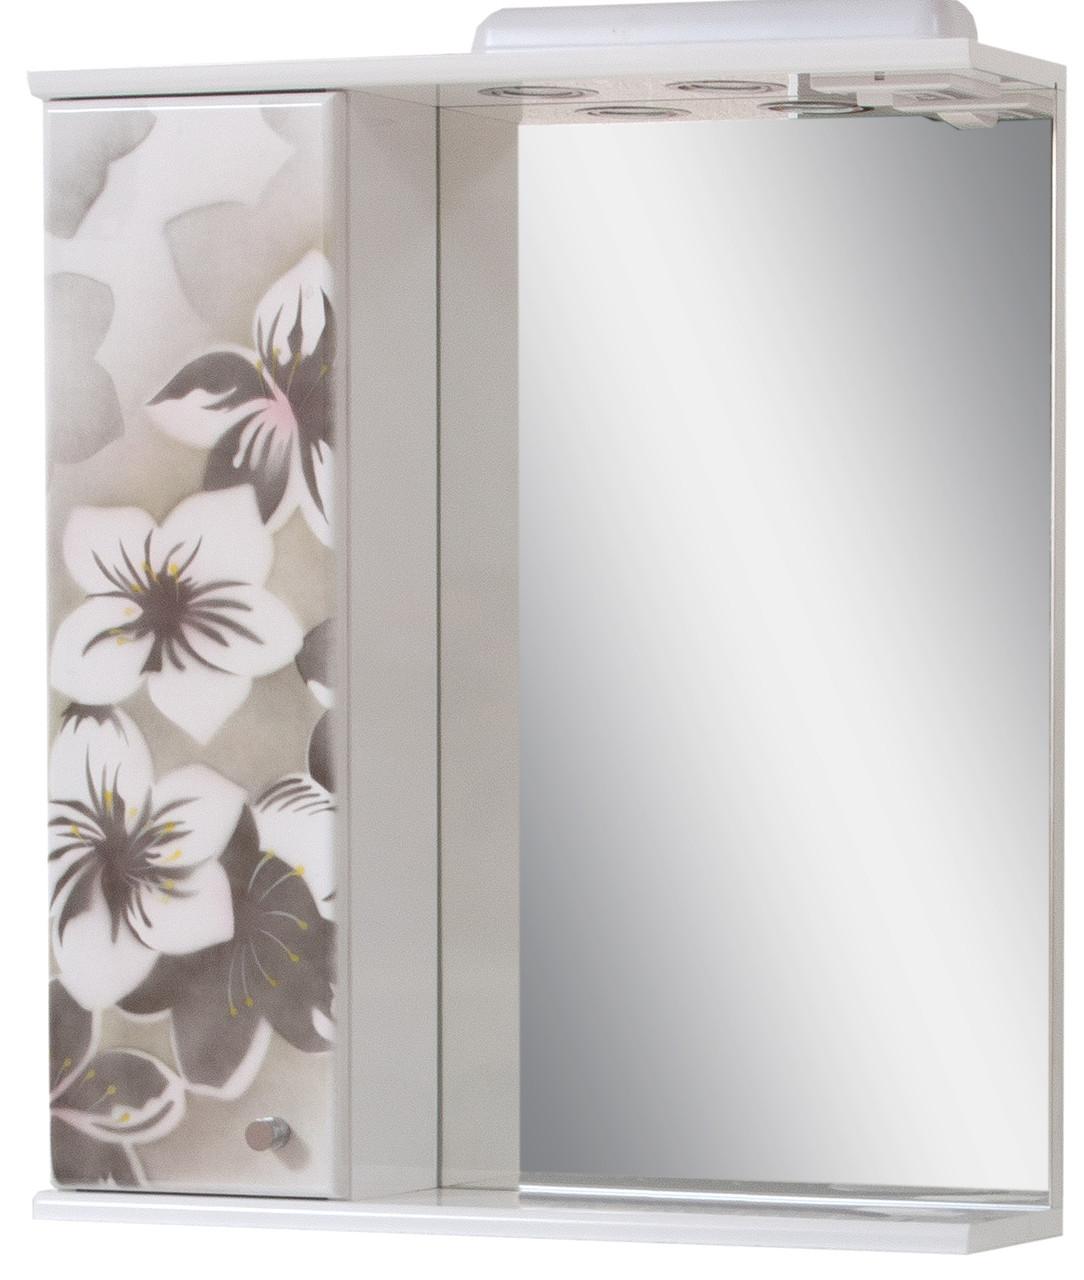 Зеркало для ванной комнаты Аэрография 60-01 левое Серые цветы